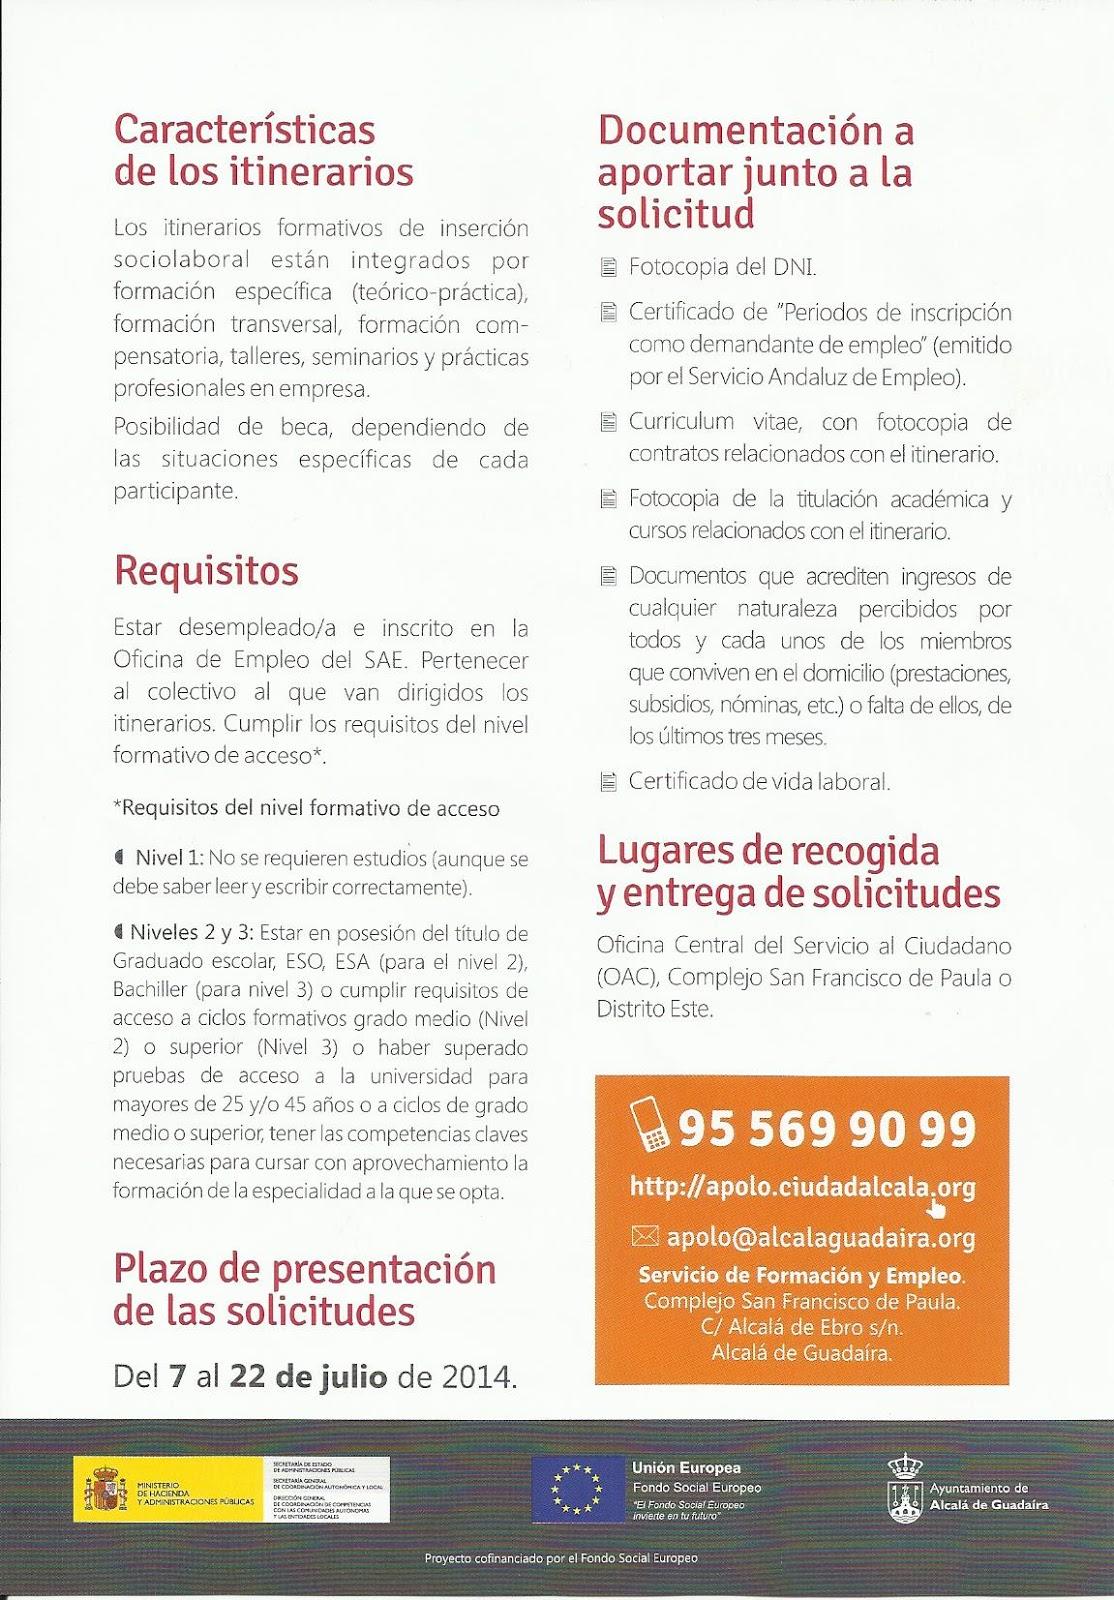 Proyecto Apolo de Alcalá de Guadaíra